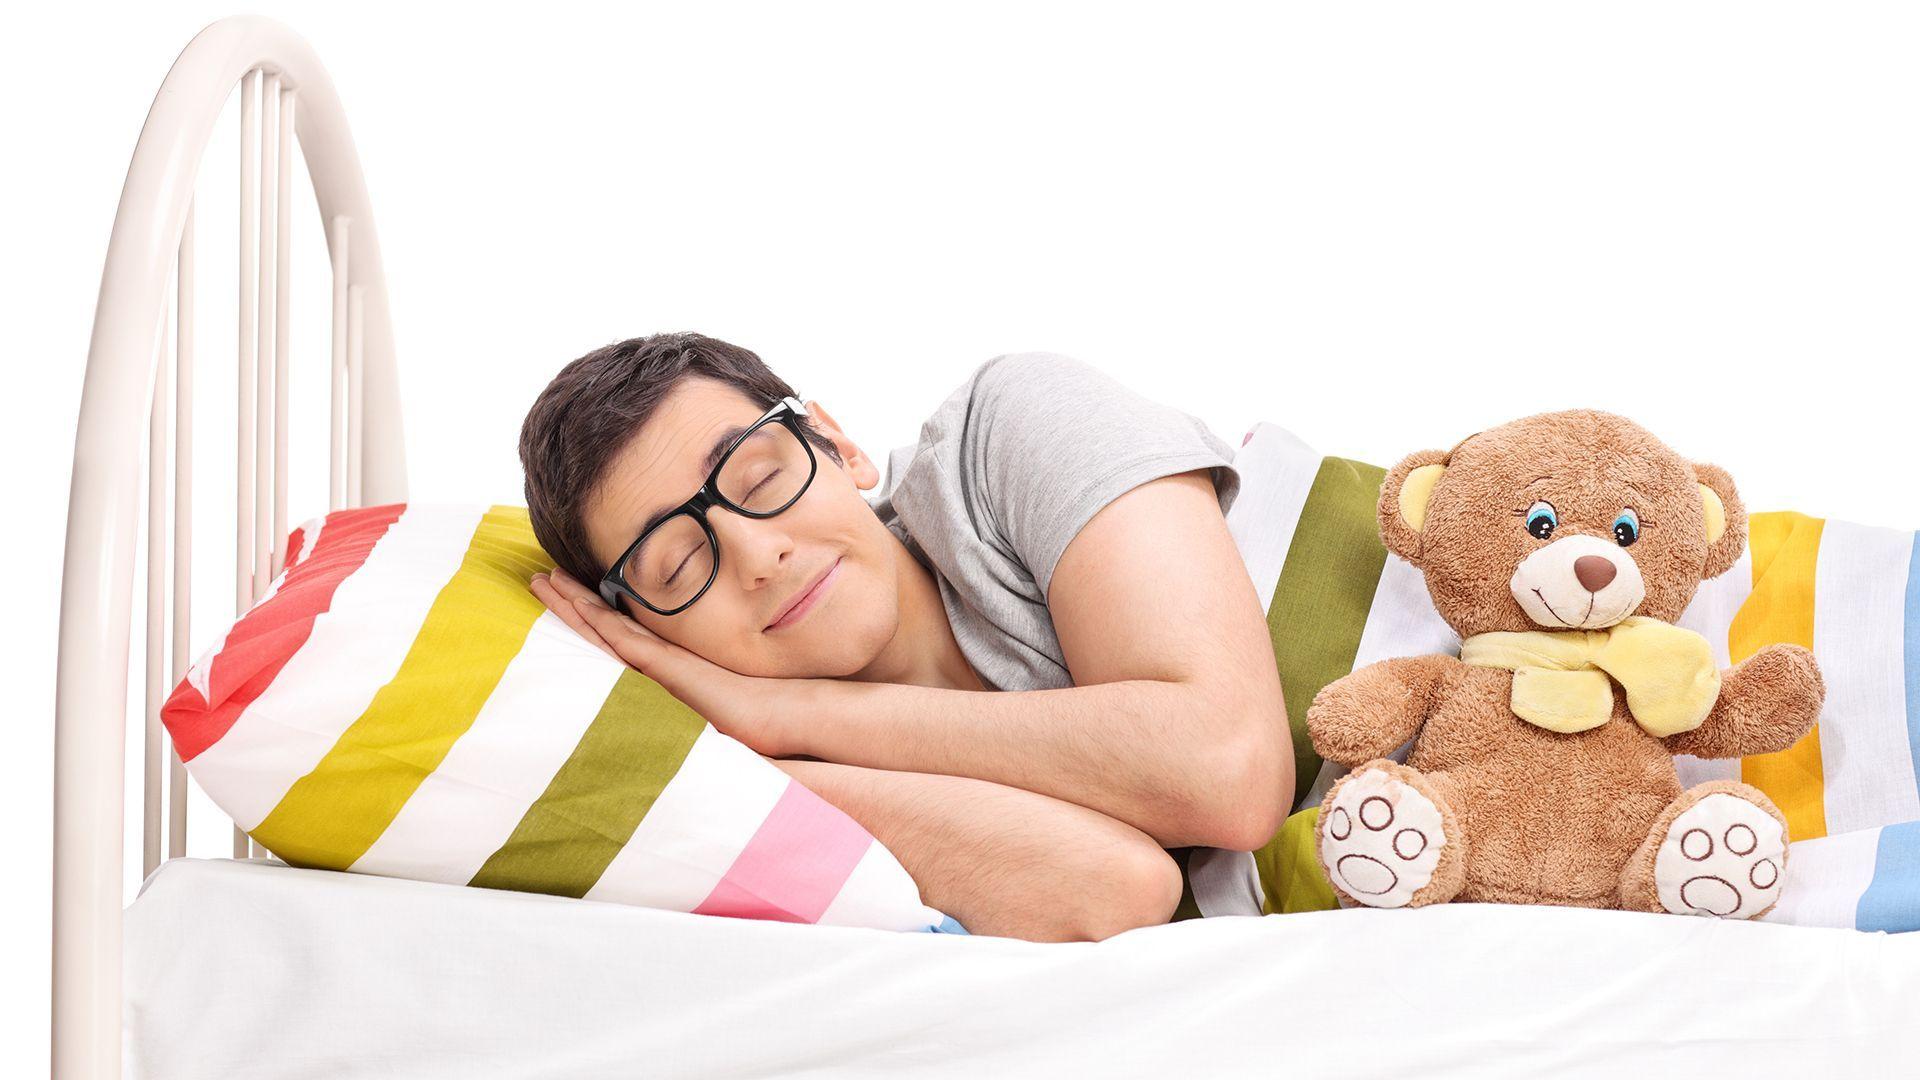 Babybed opmaken zomer - Als Volwassene Slapen Met Een Knuffel Kan Dat Nog